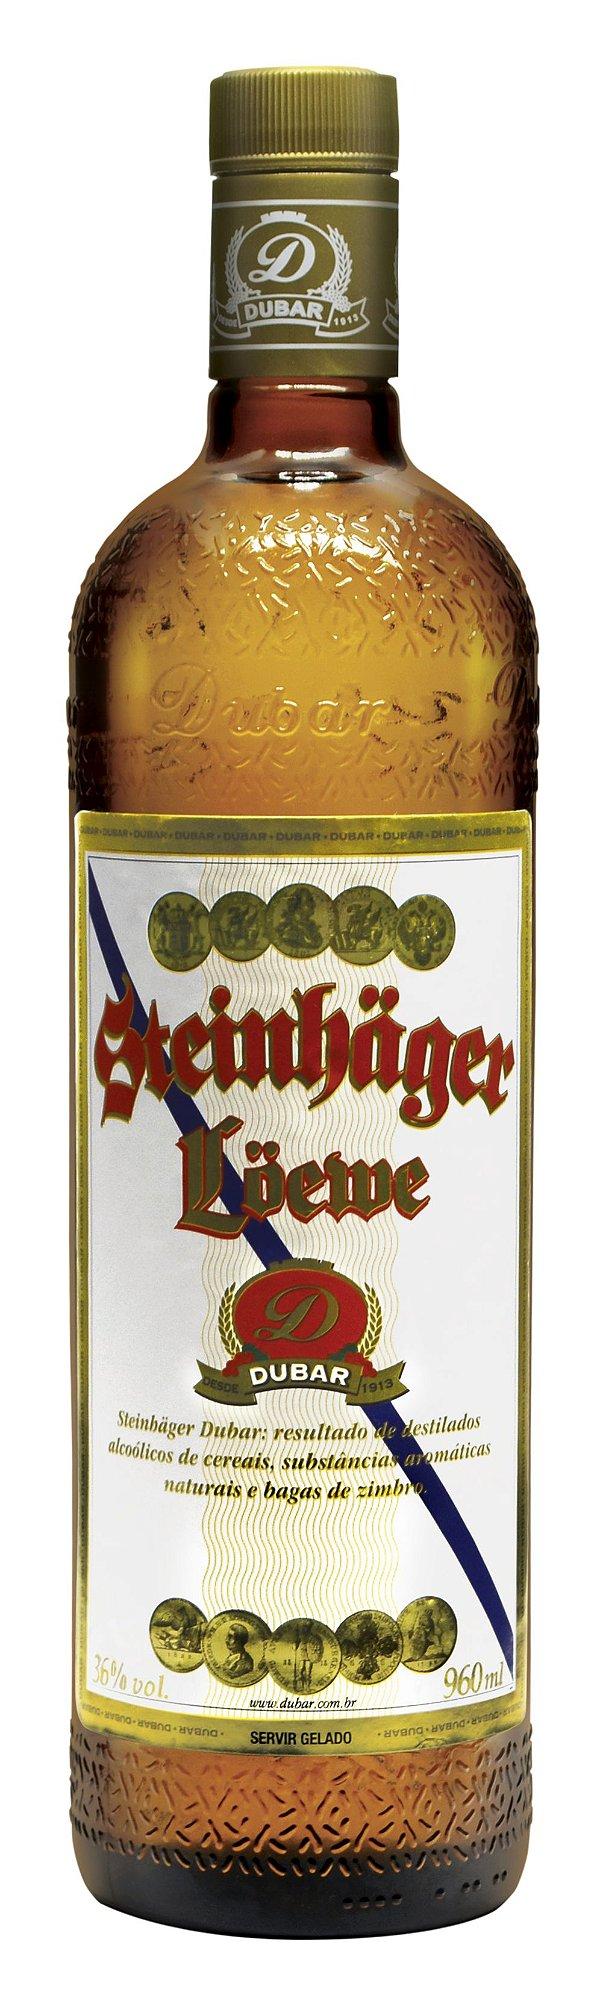 STEINHAGER LOEWER DUBAR 900ML